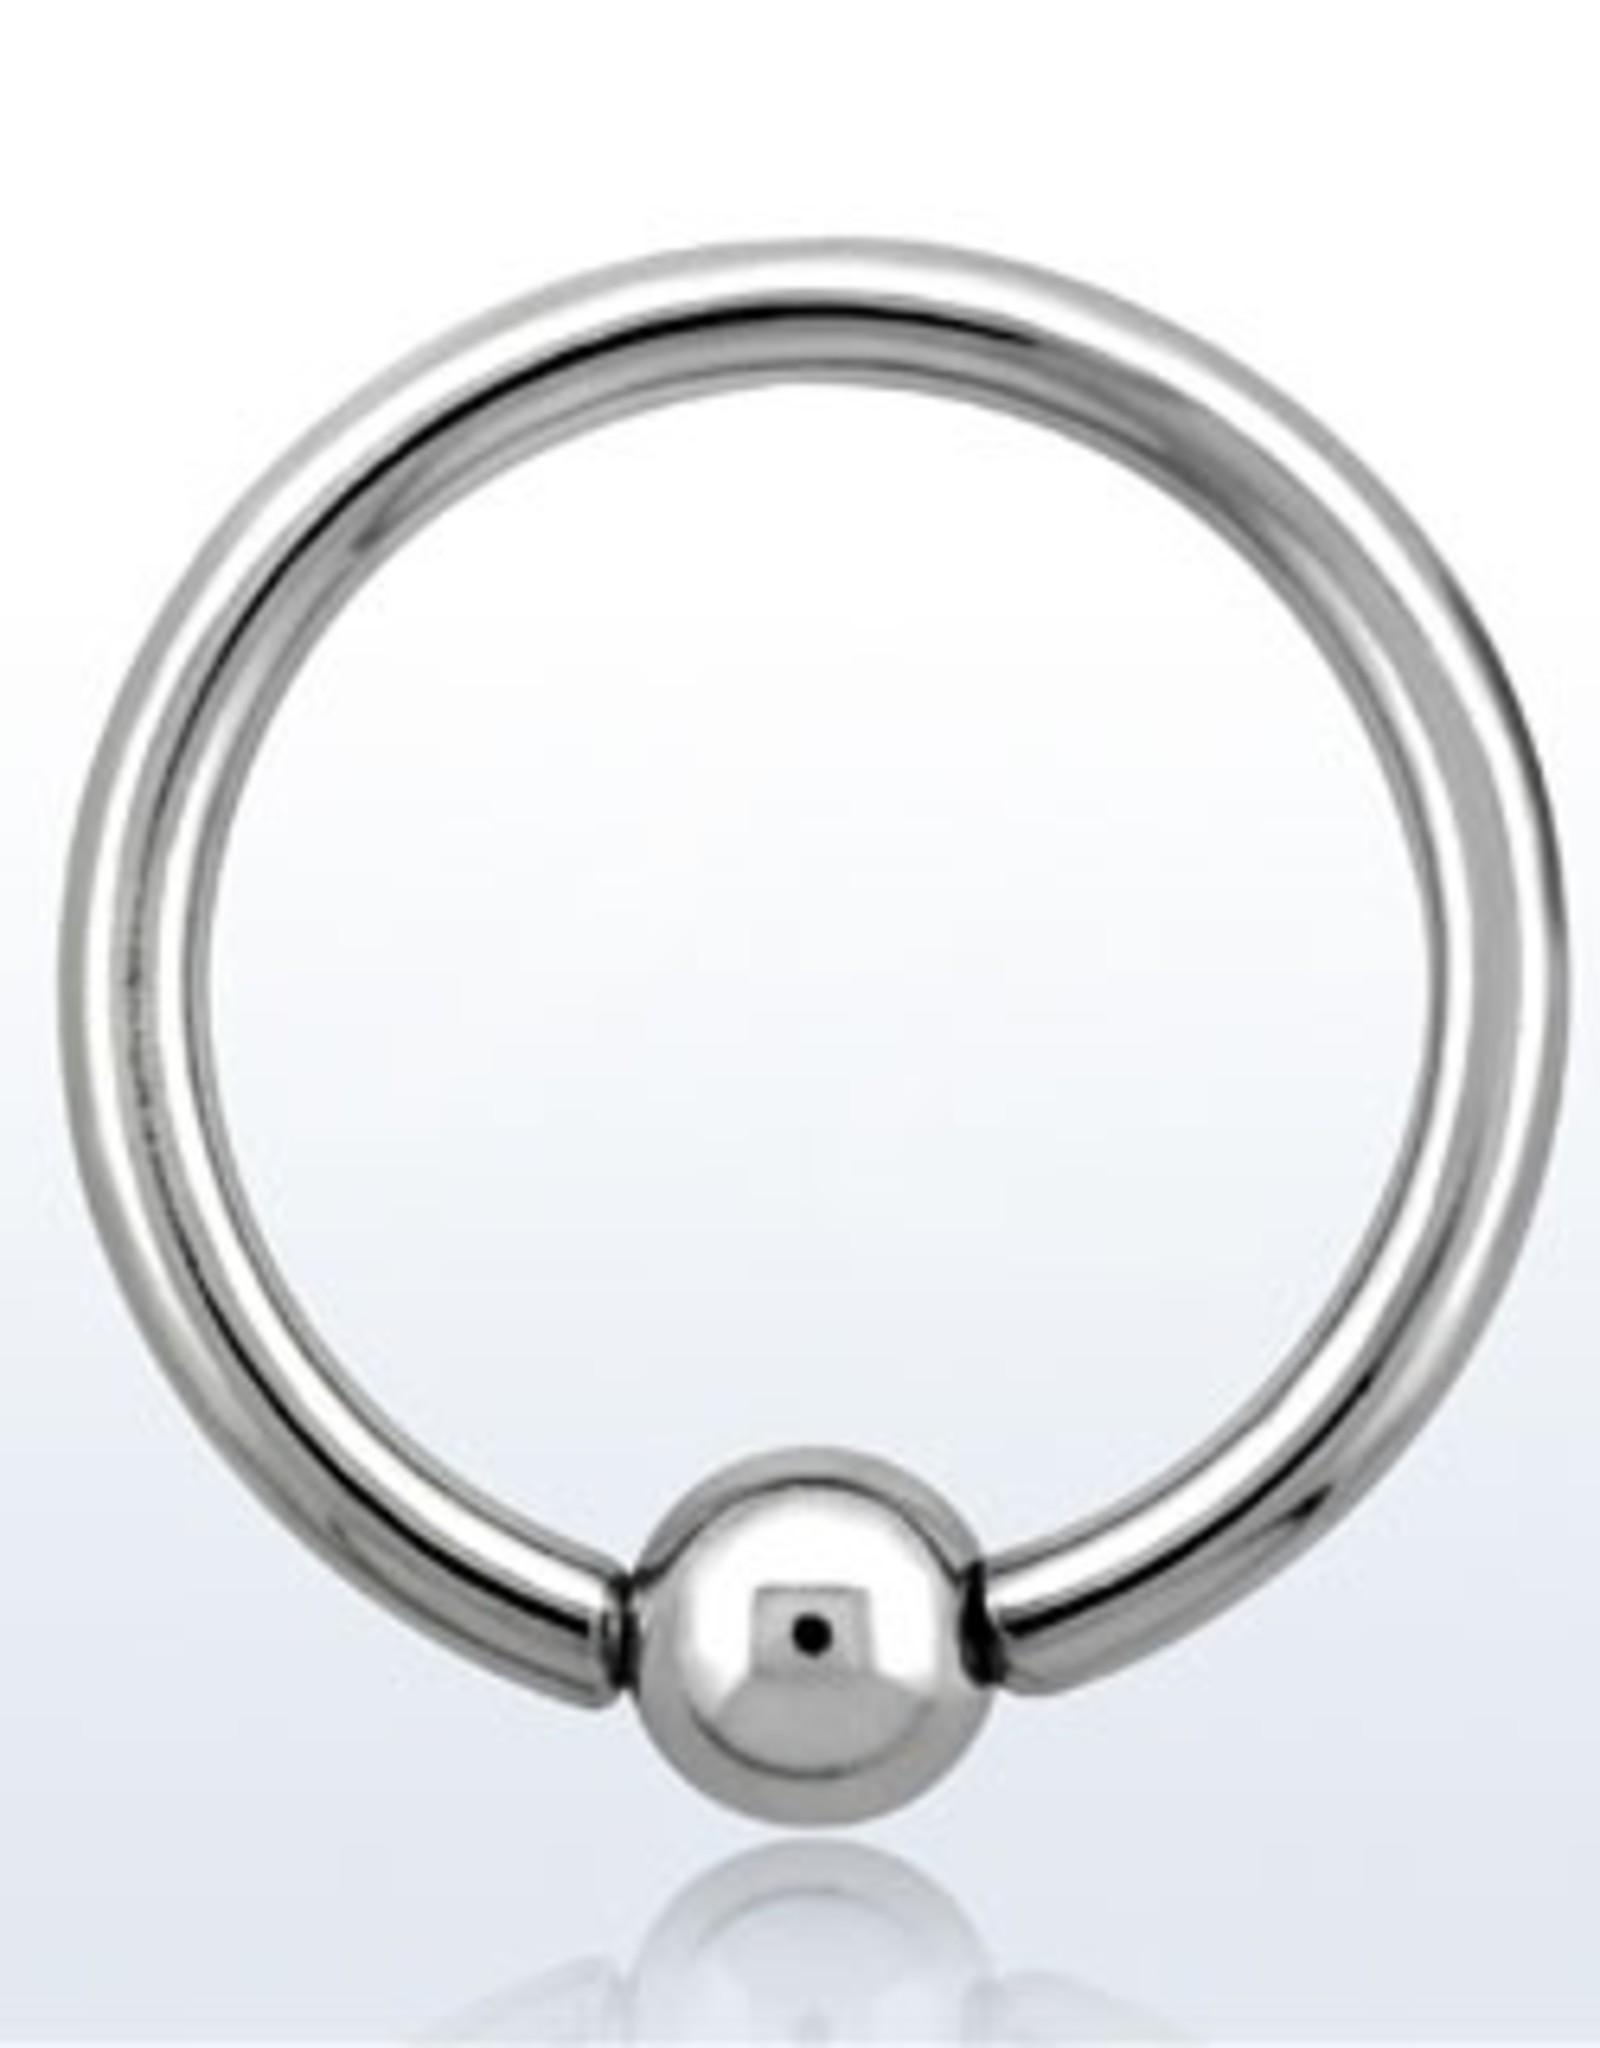 Ball closure ring, 14g, 4mm ball, 10mm